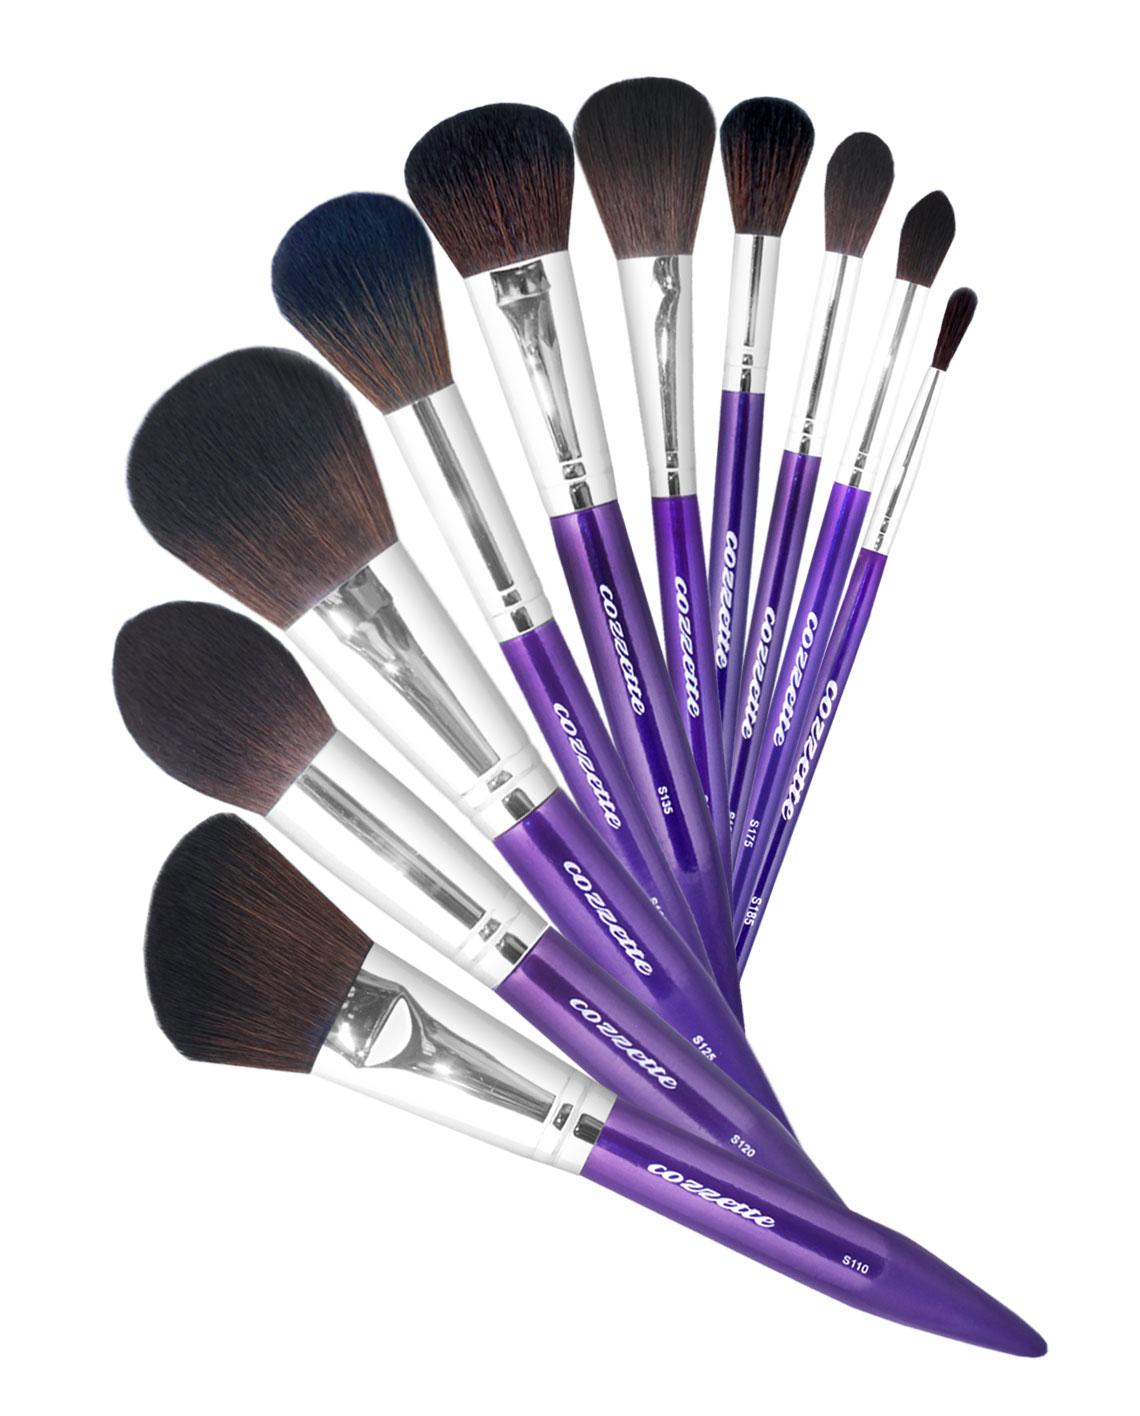 Cozzette Makeup Brush Set